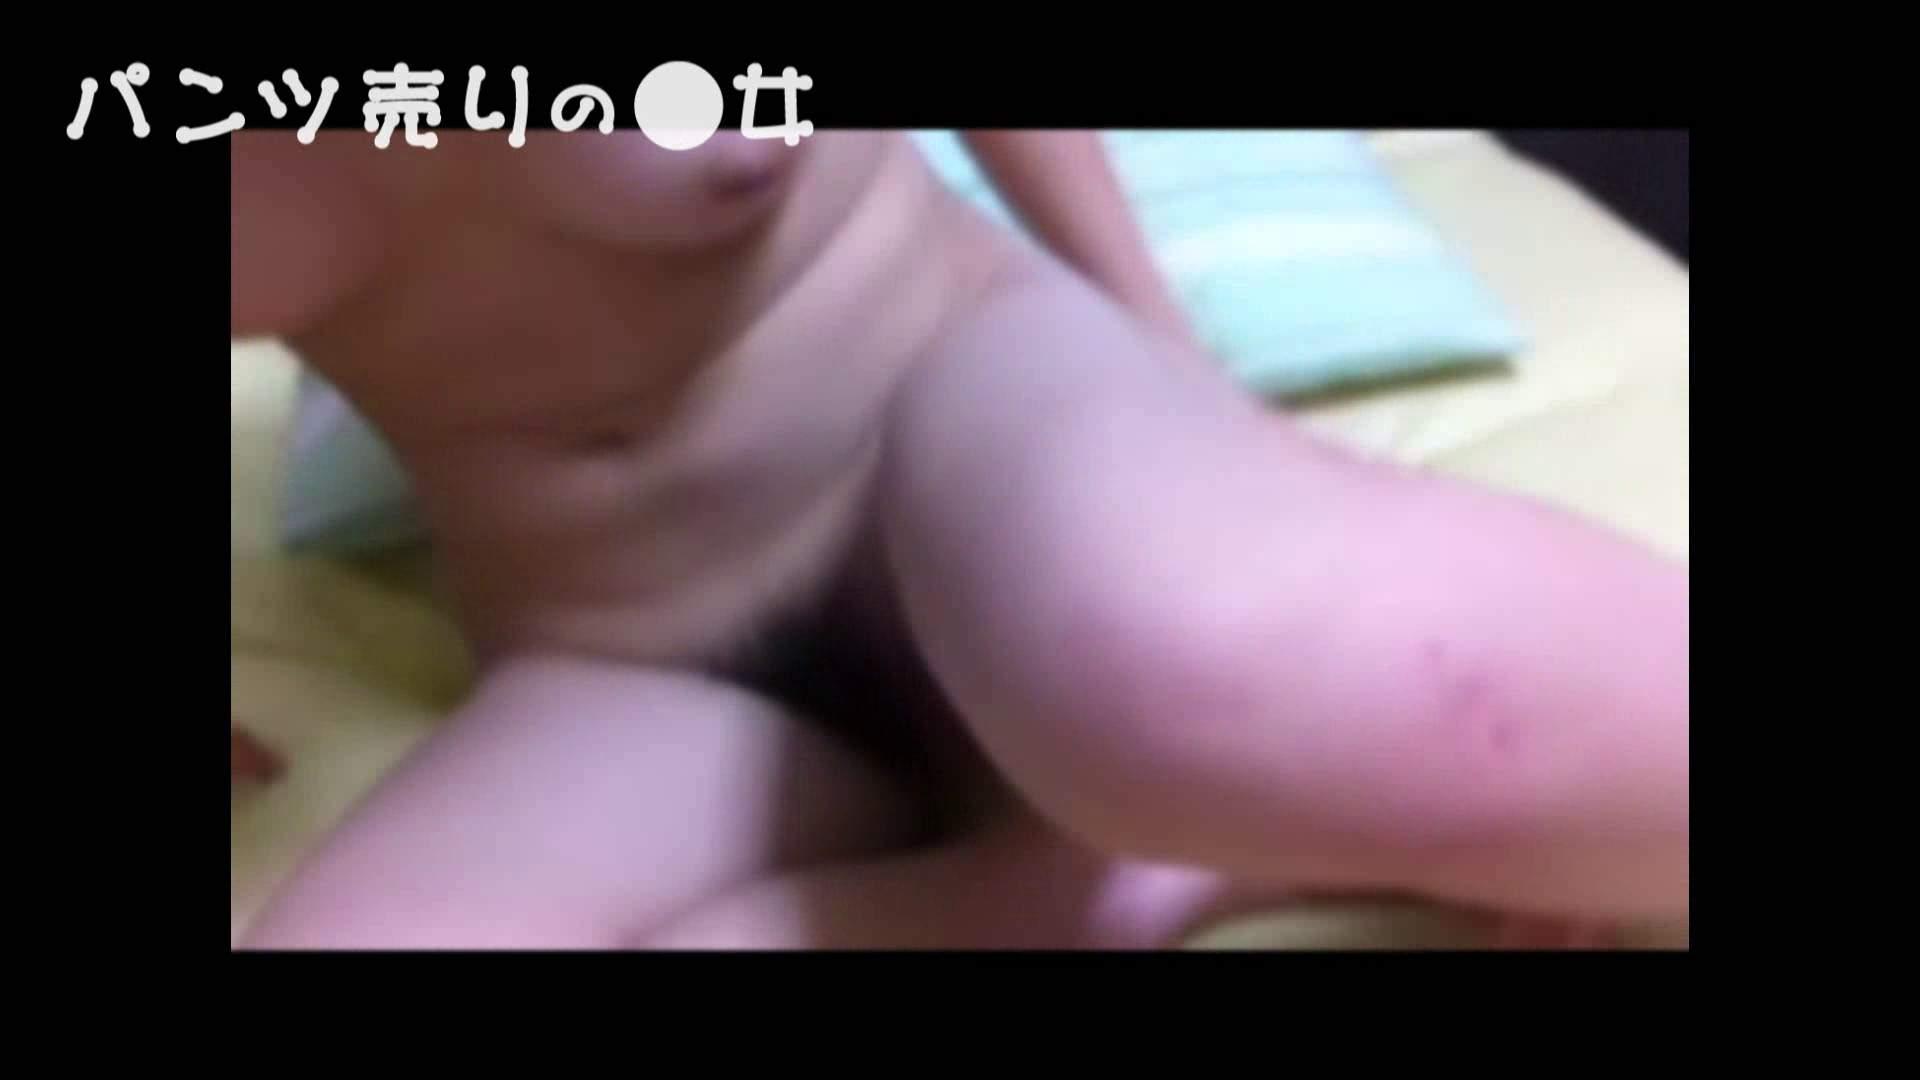 新説 パンツ売りの女の子nana05 一般投稿   SEX  82pic 25